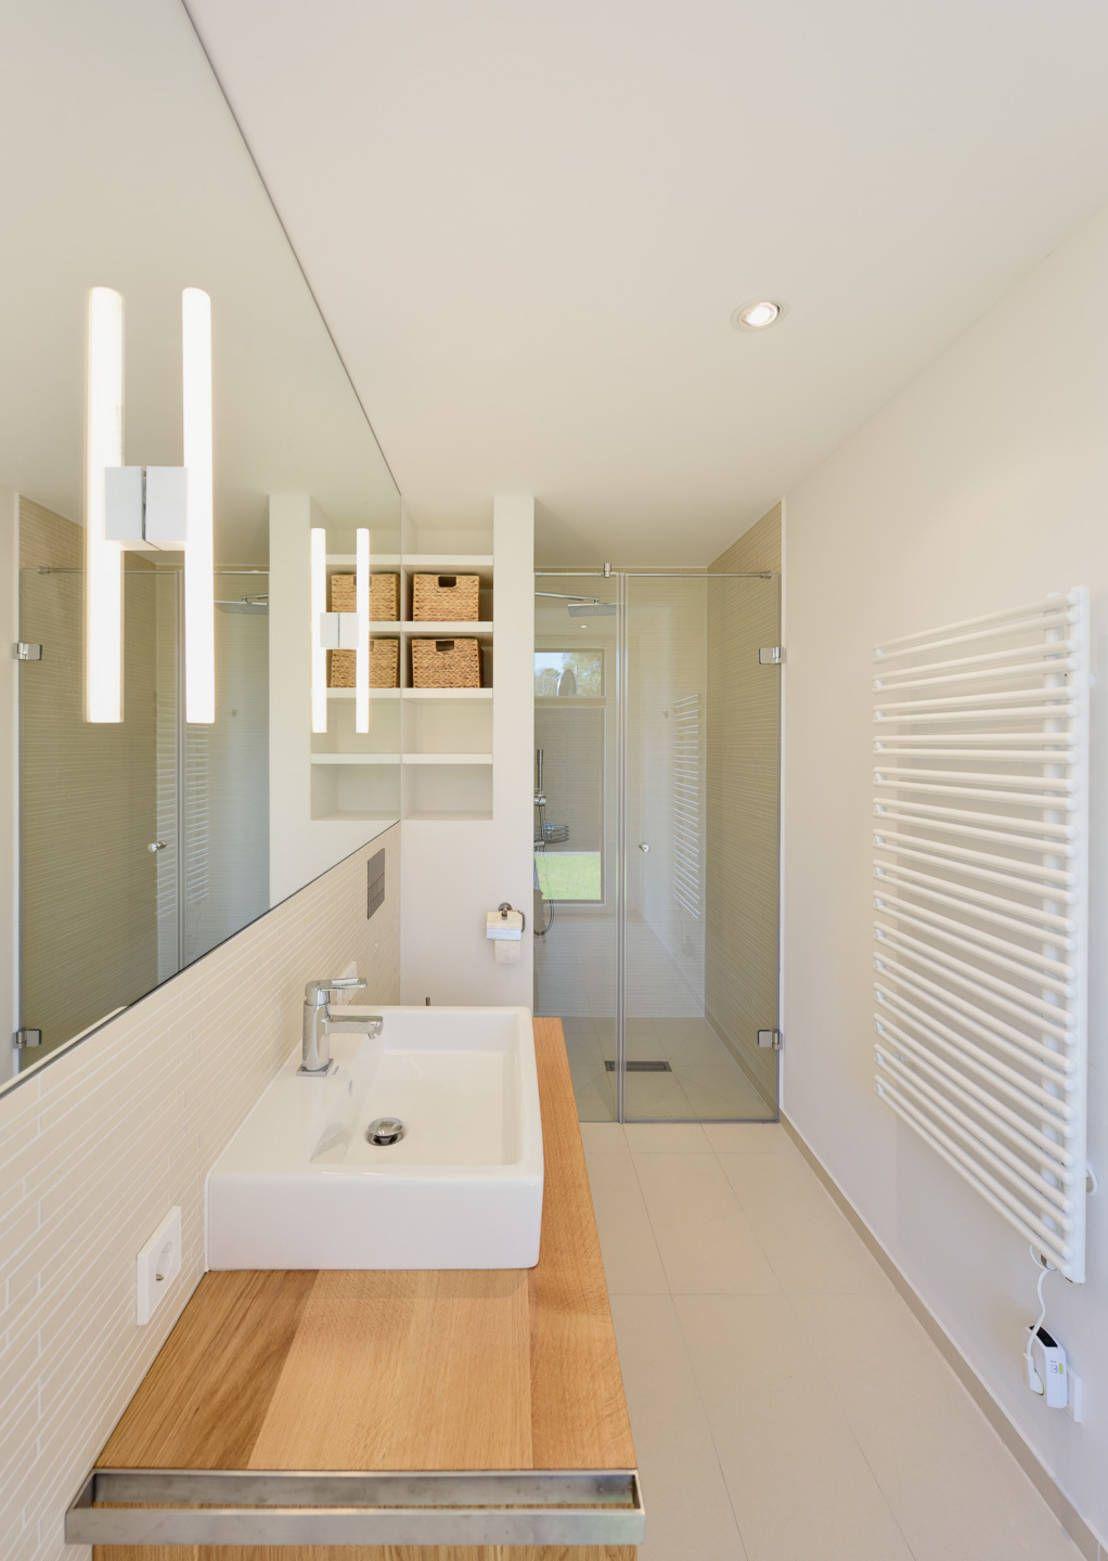 6 Ideen Um Kleine Badezimmer Zu Gestalten Badezimmer Mit Dusche Minimalistisches Badezimmer Minimalistische Bader